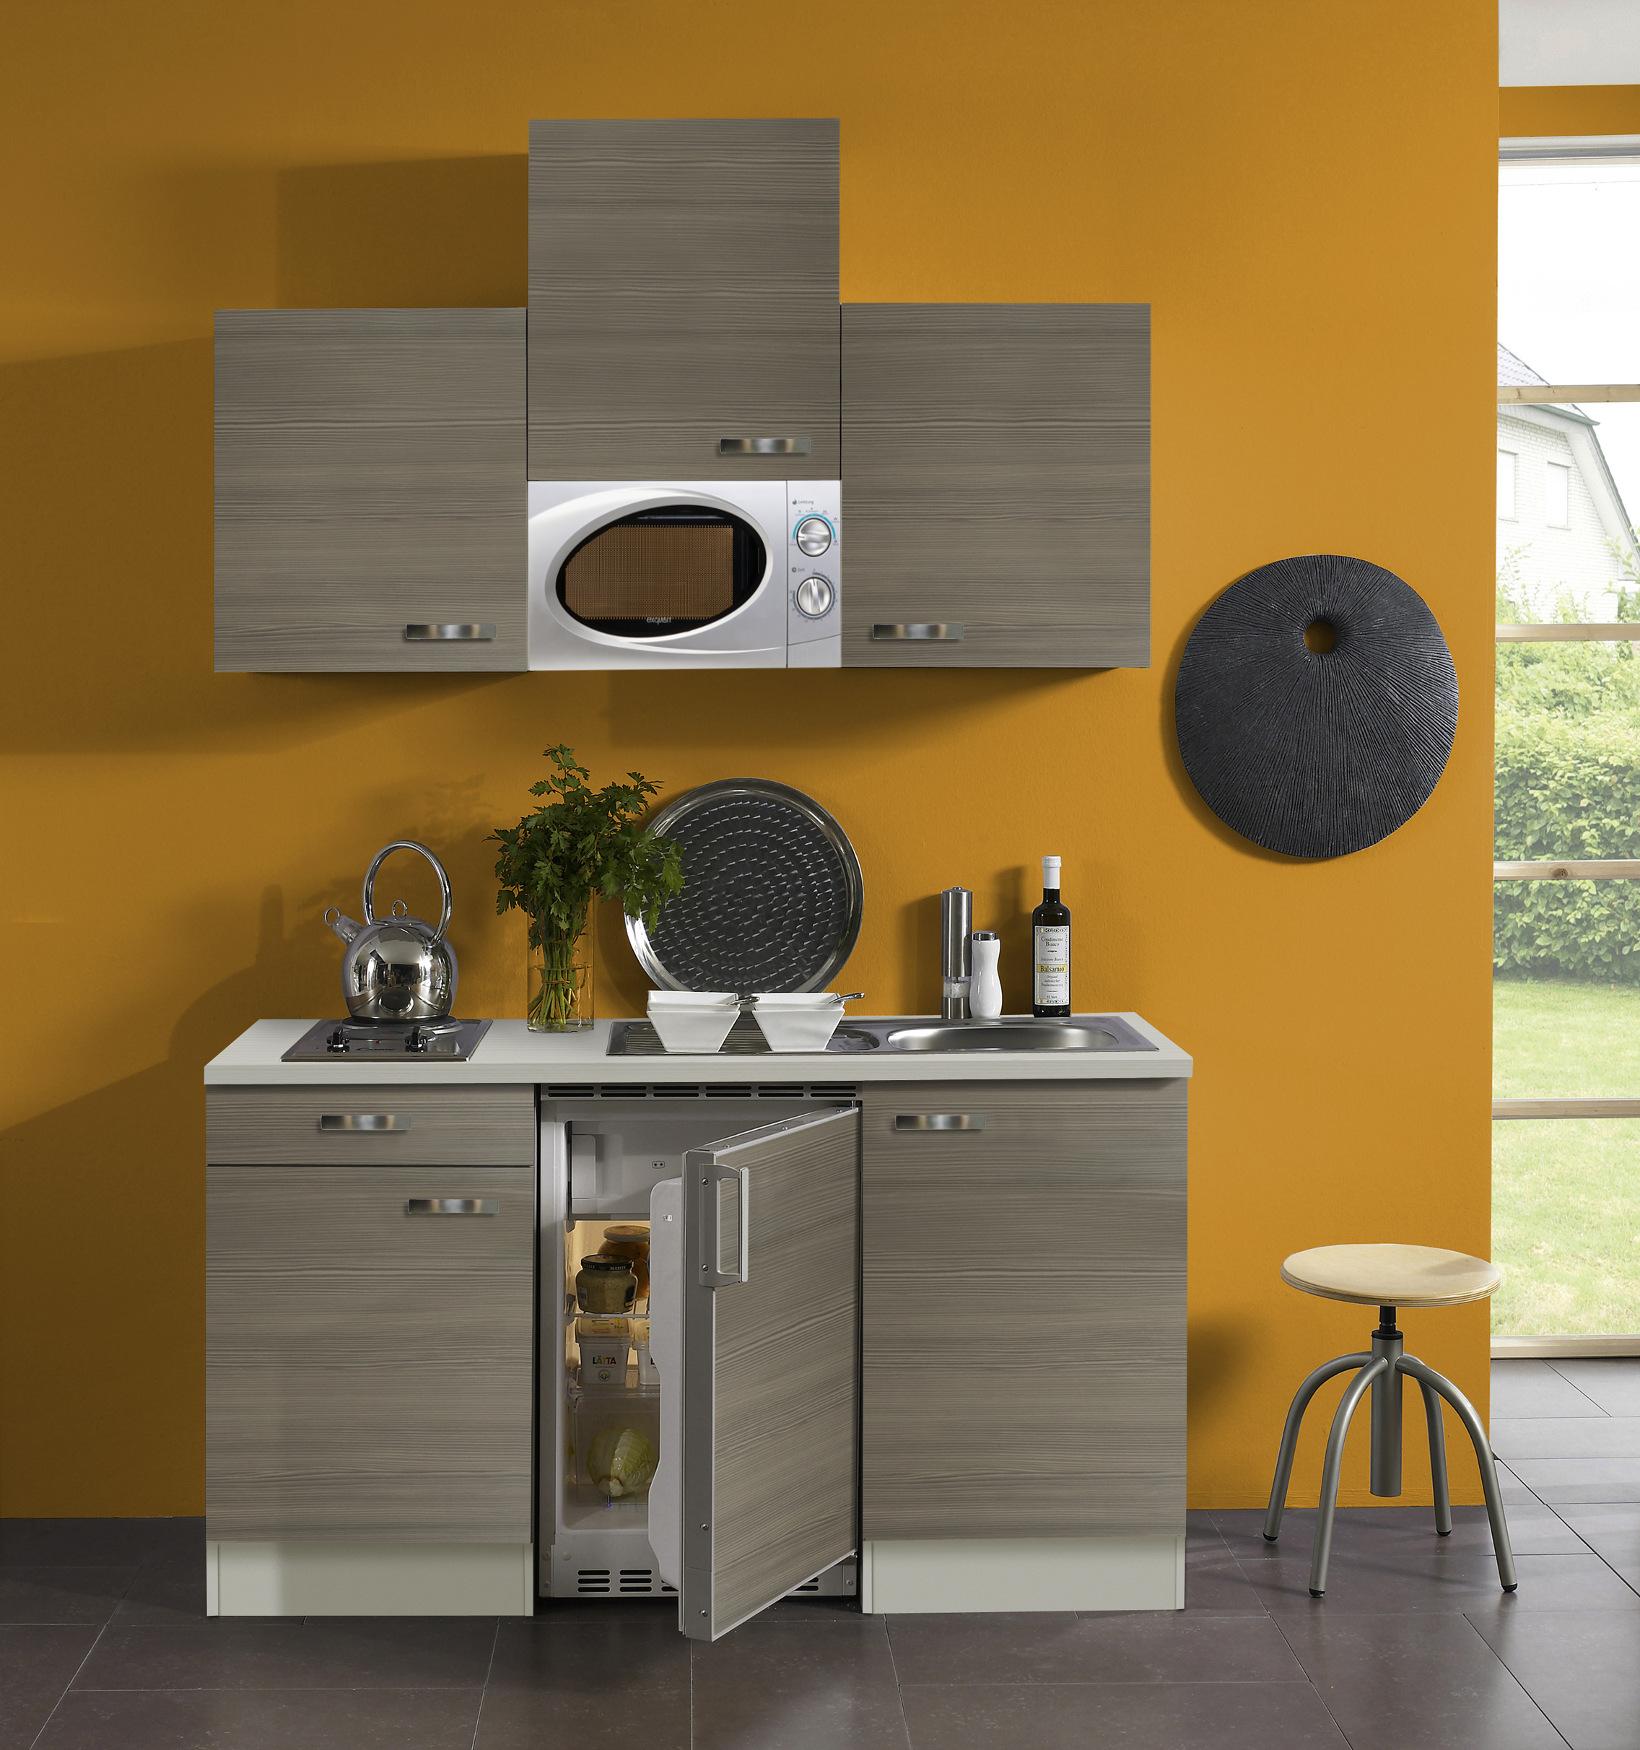 Full Size of Miniküche Induktion Miniküche Design Miniküche Ohne Spüle Respekta Miniküche Küche Miniküche